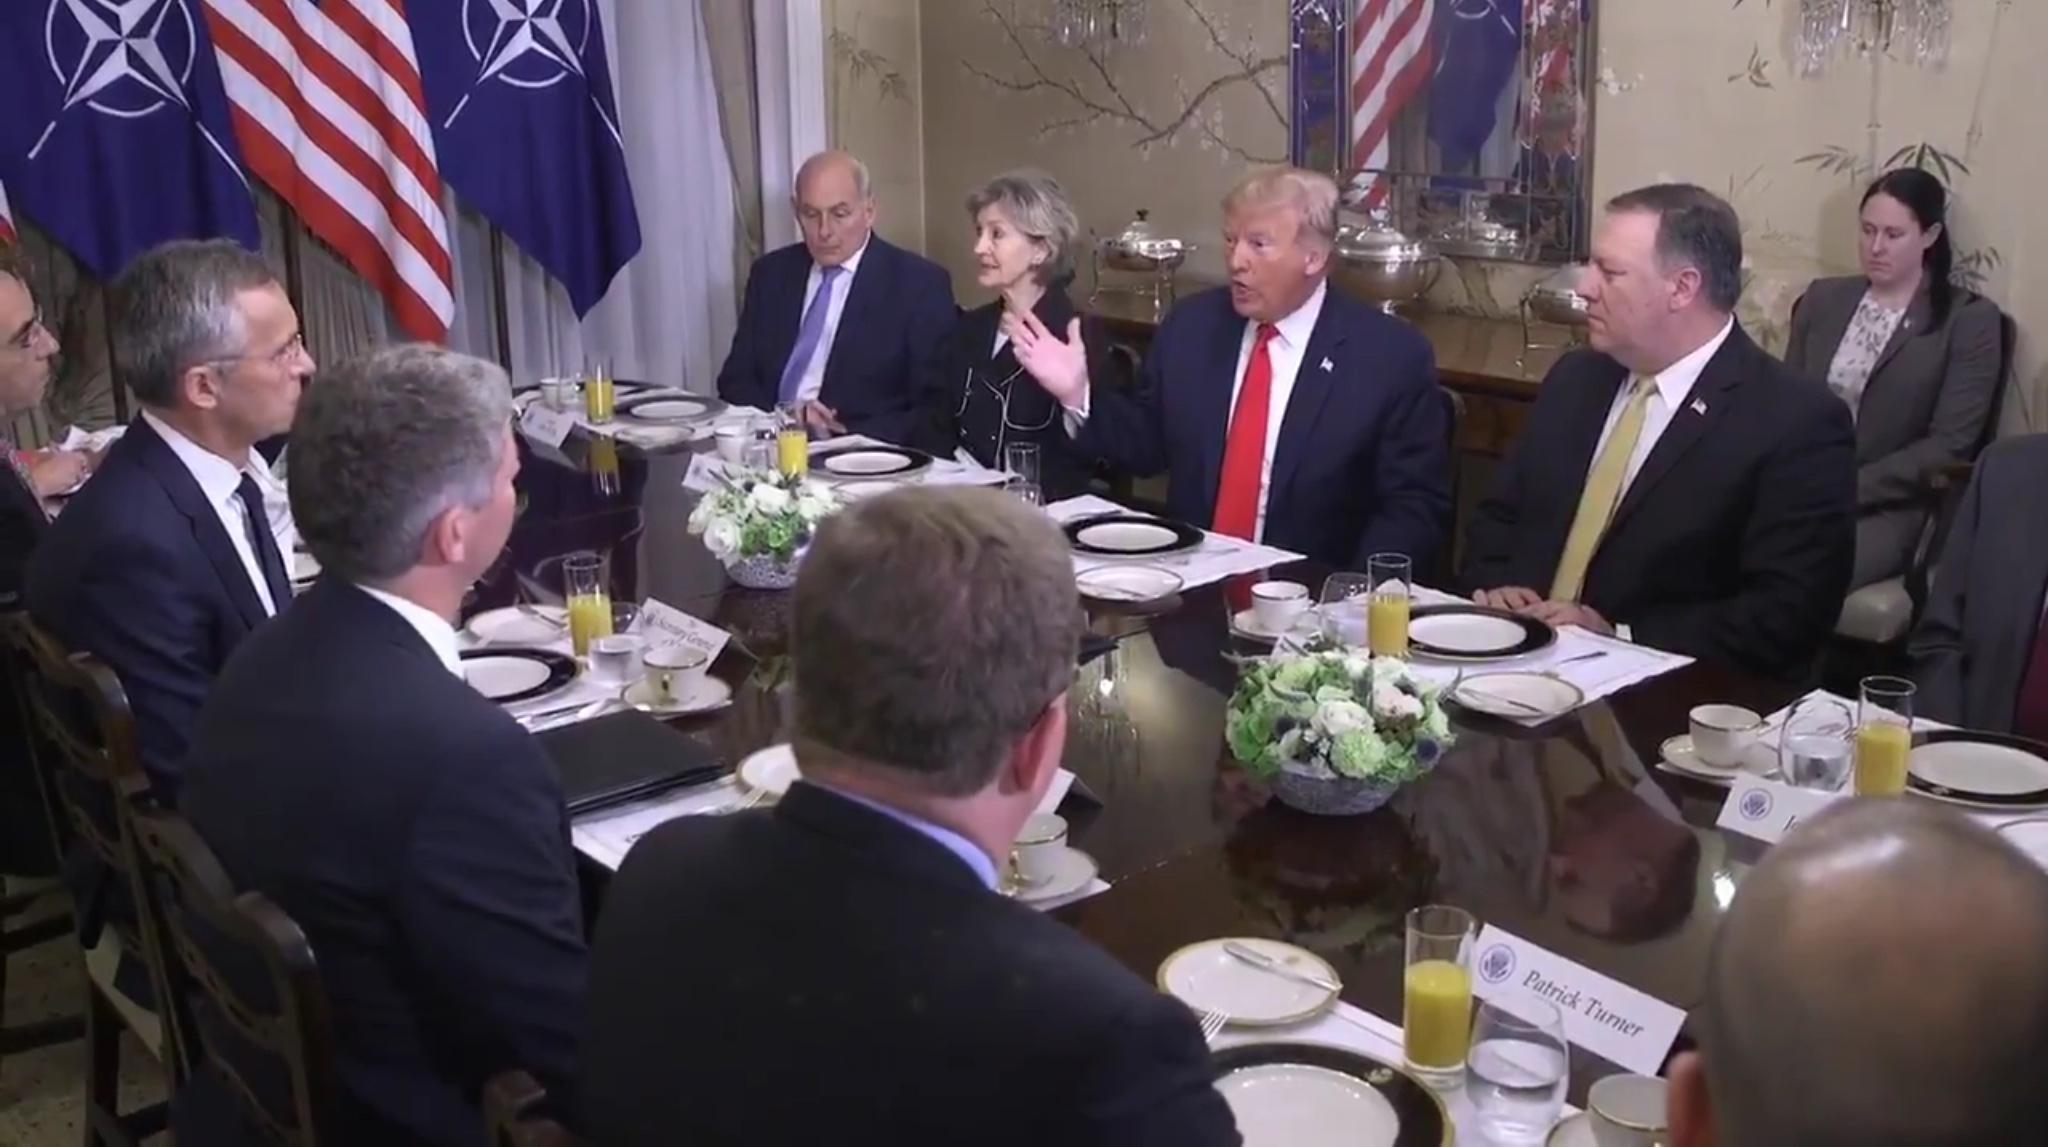 «Германия — пленница России»: за что Трамп критикует Европу